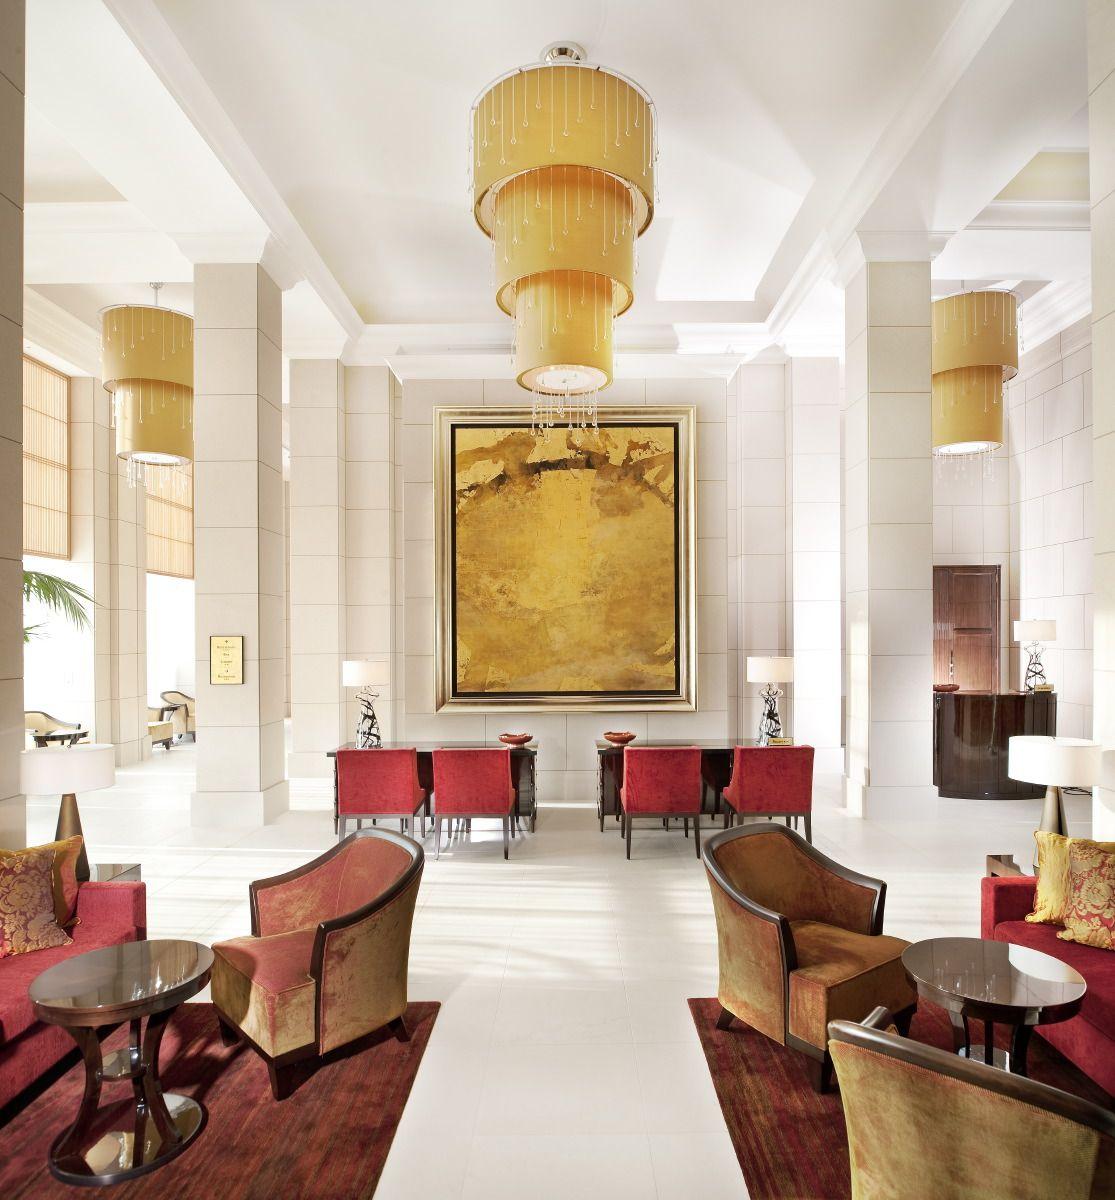 伝統を継承する、未来的なホテル